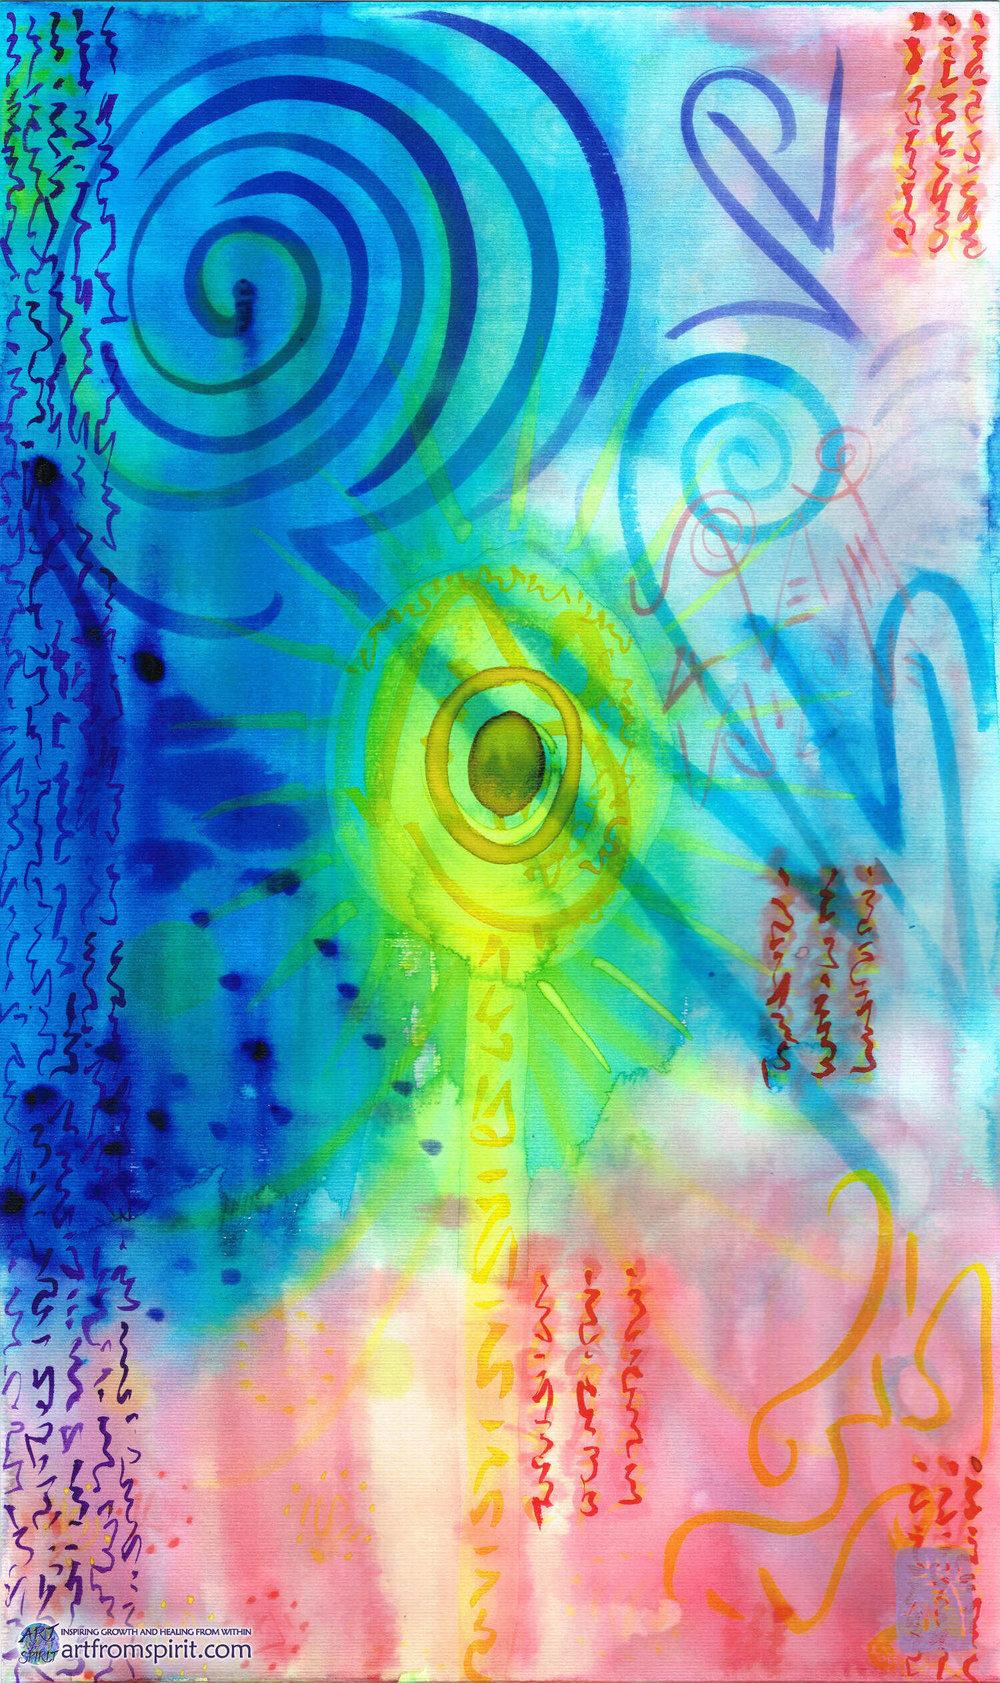 core-intuitive-spiritual-art-art-from-spirit-tegan-neville.jpg